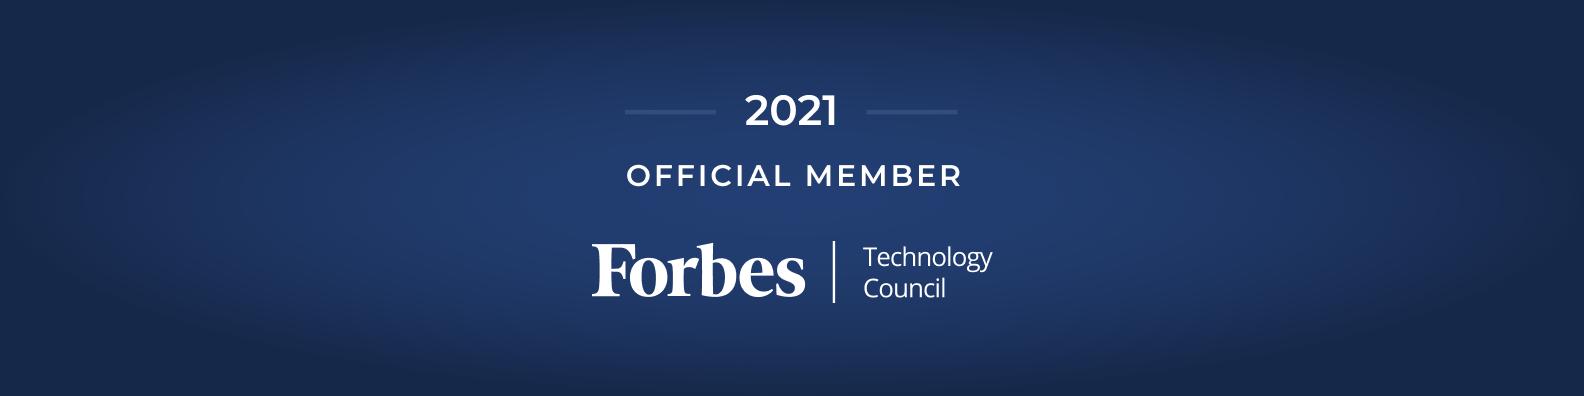 FTC-Social-LinkedIn-Cover-2021